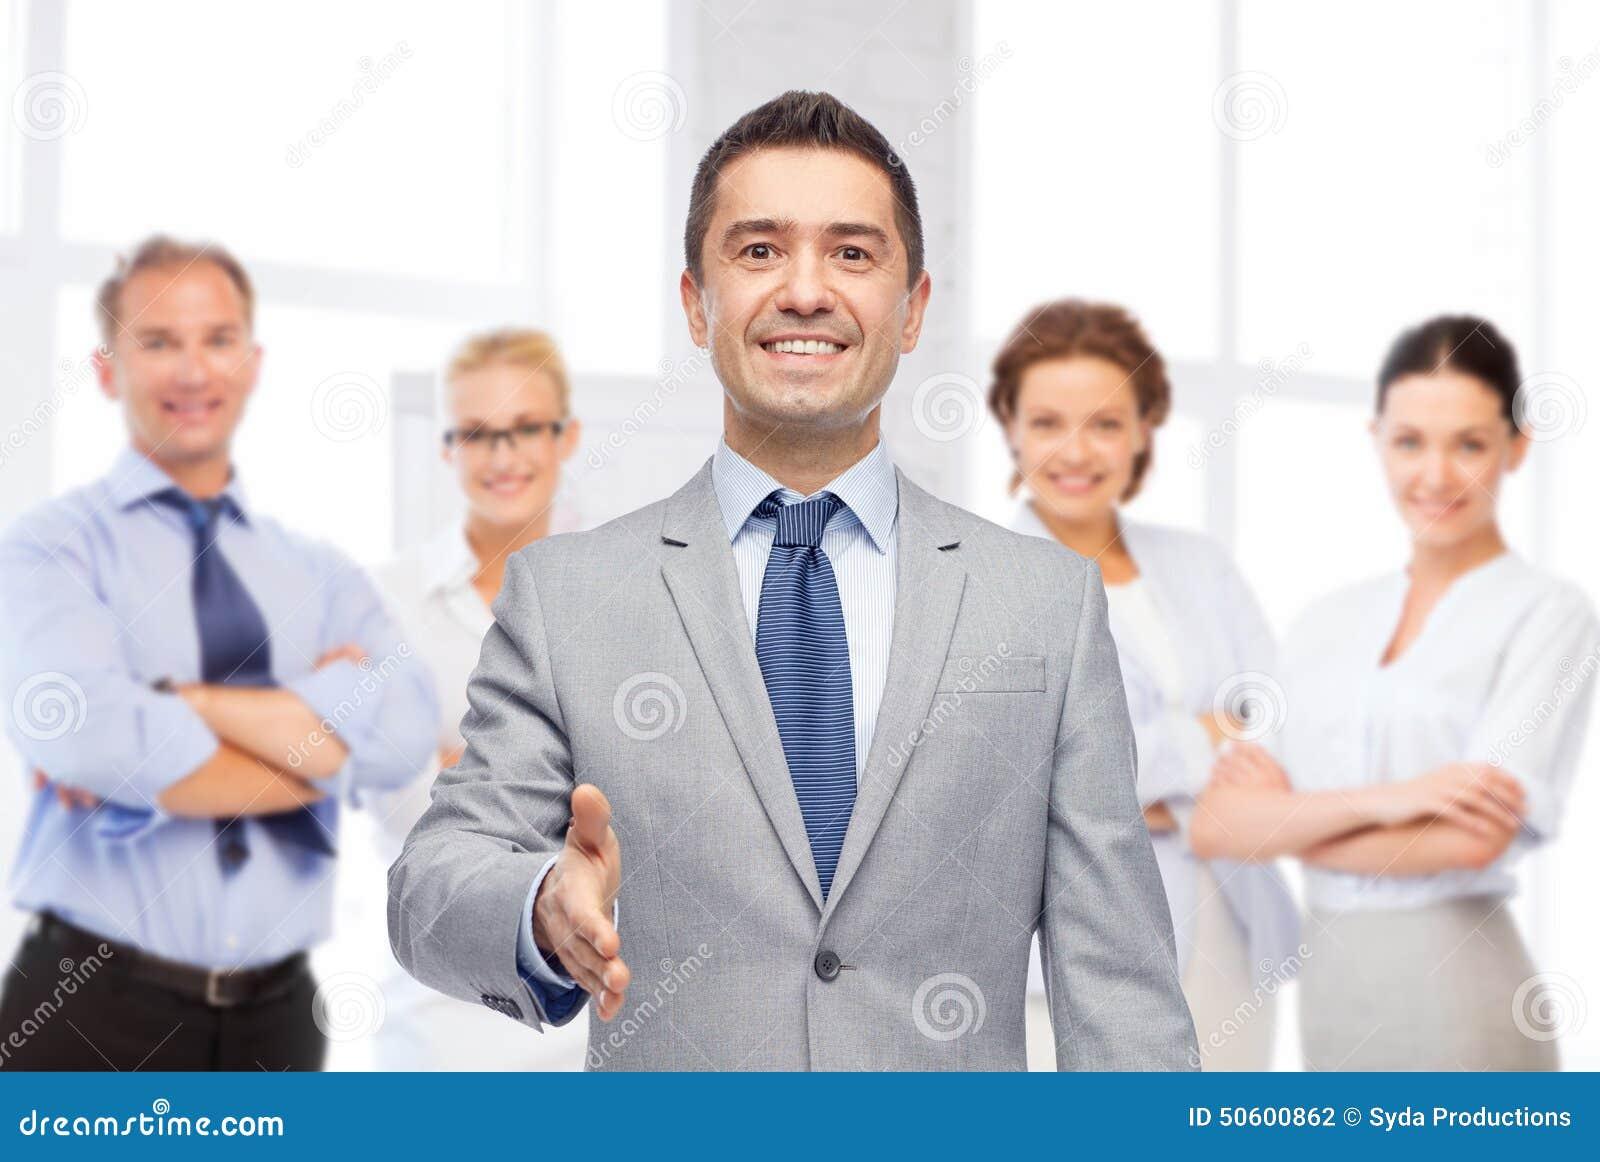 Счастливый усмехаясь бизнесмен в костюме тряся руку